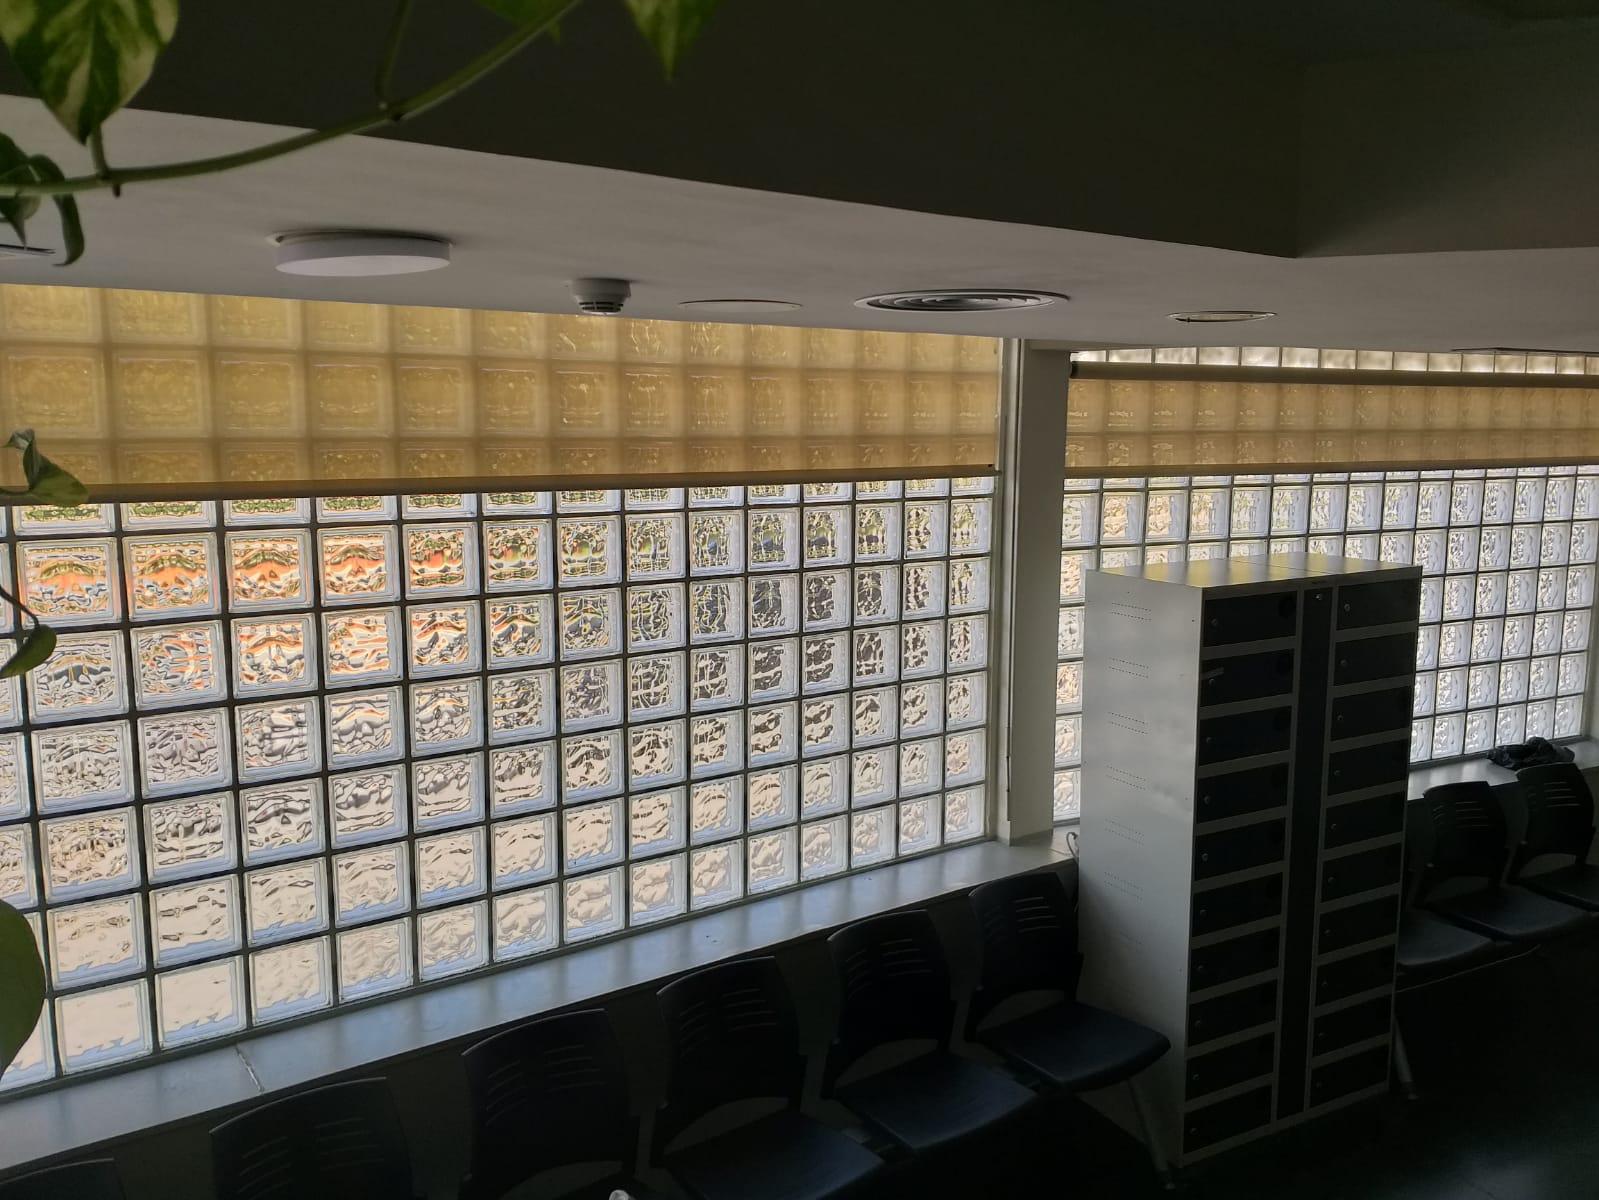 Limpieza de Screens en edificio público, zona Horta